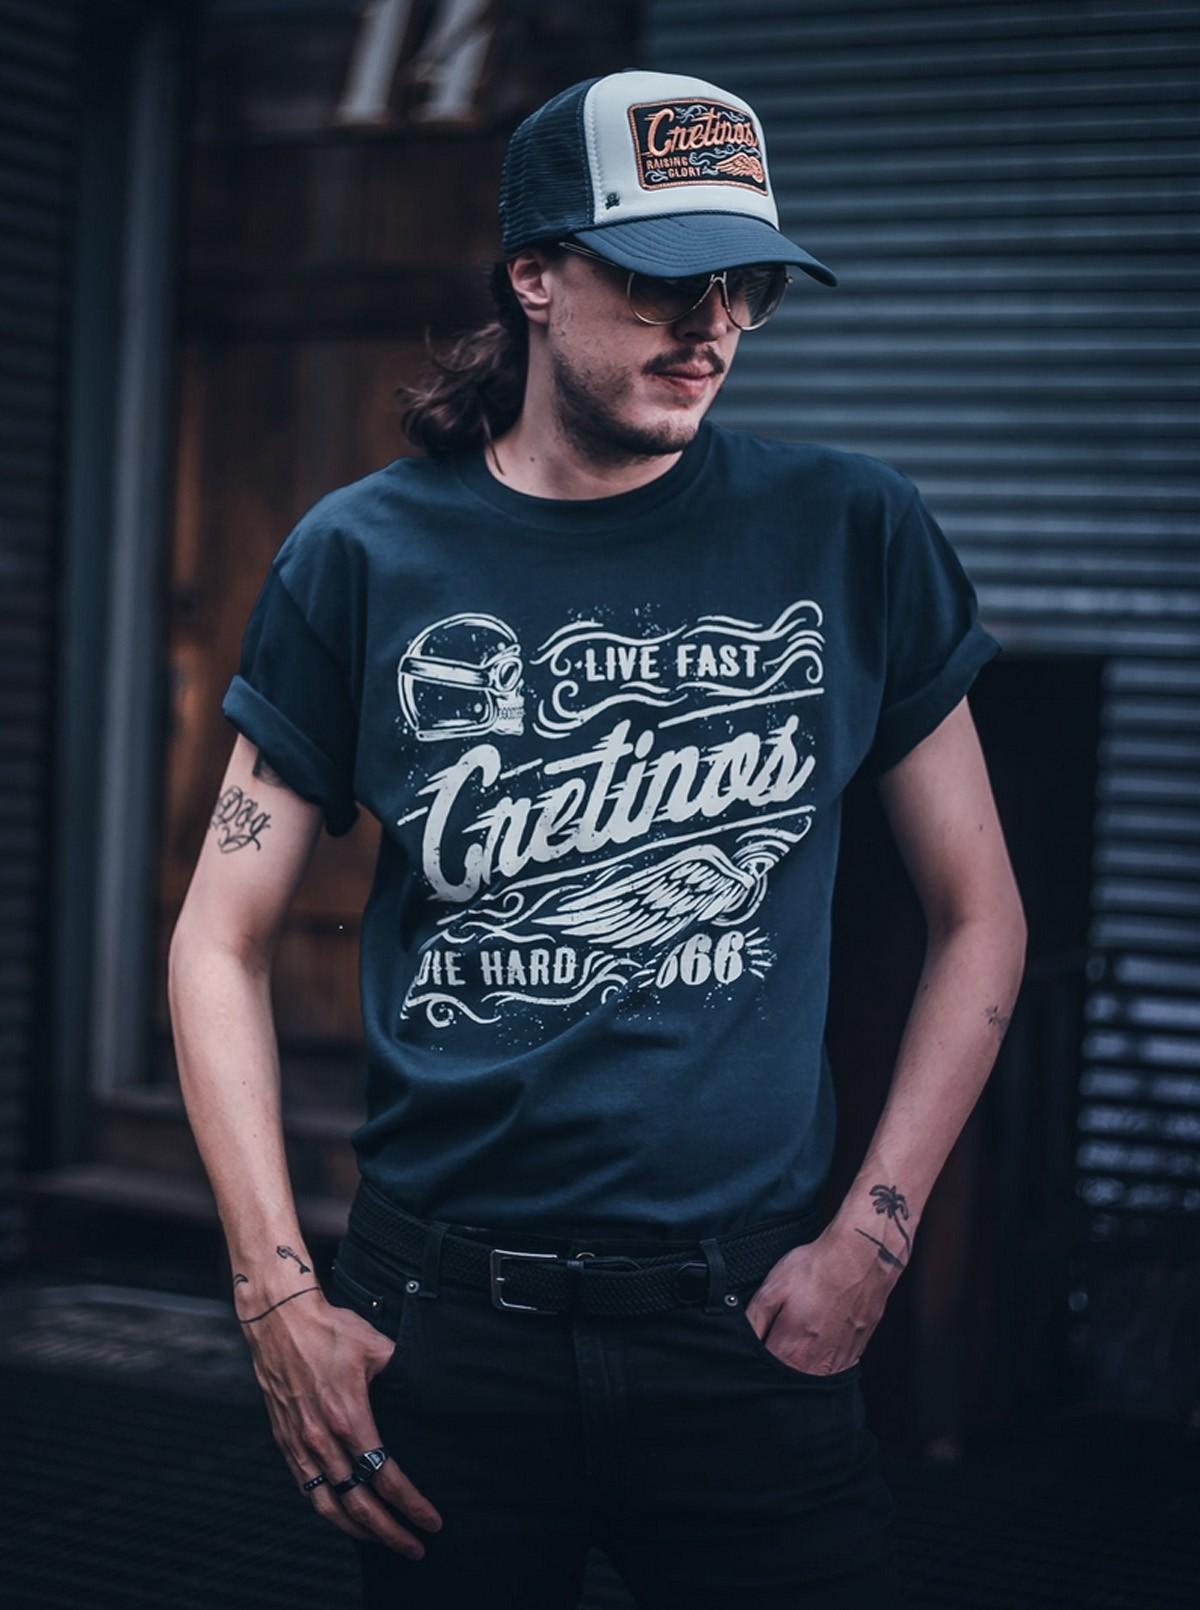 La Marca Del Diablo - Cretinos T-Shirt